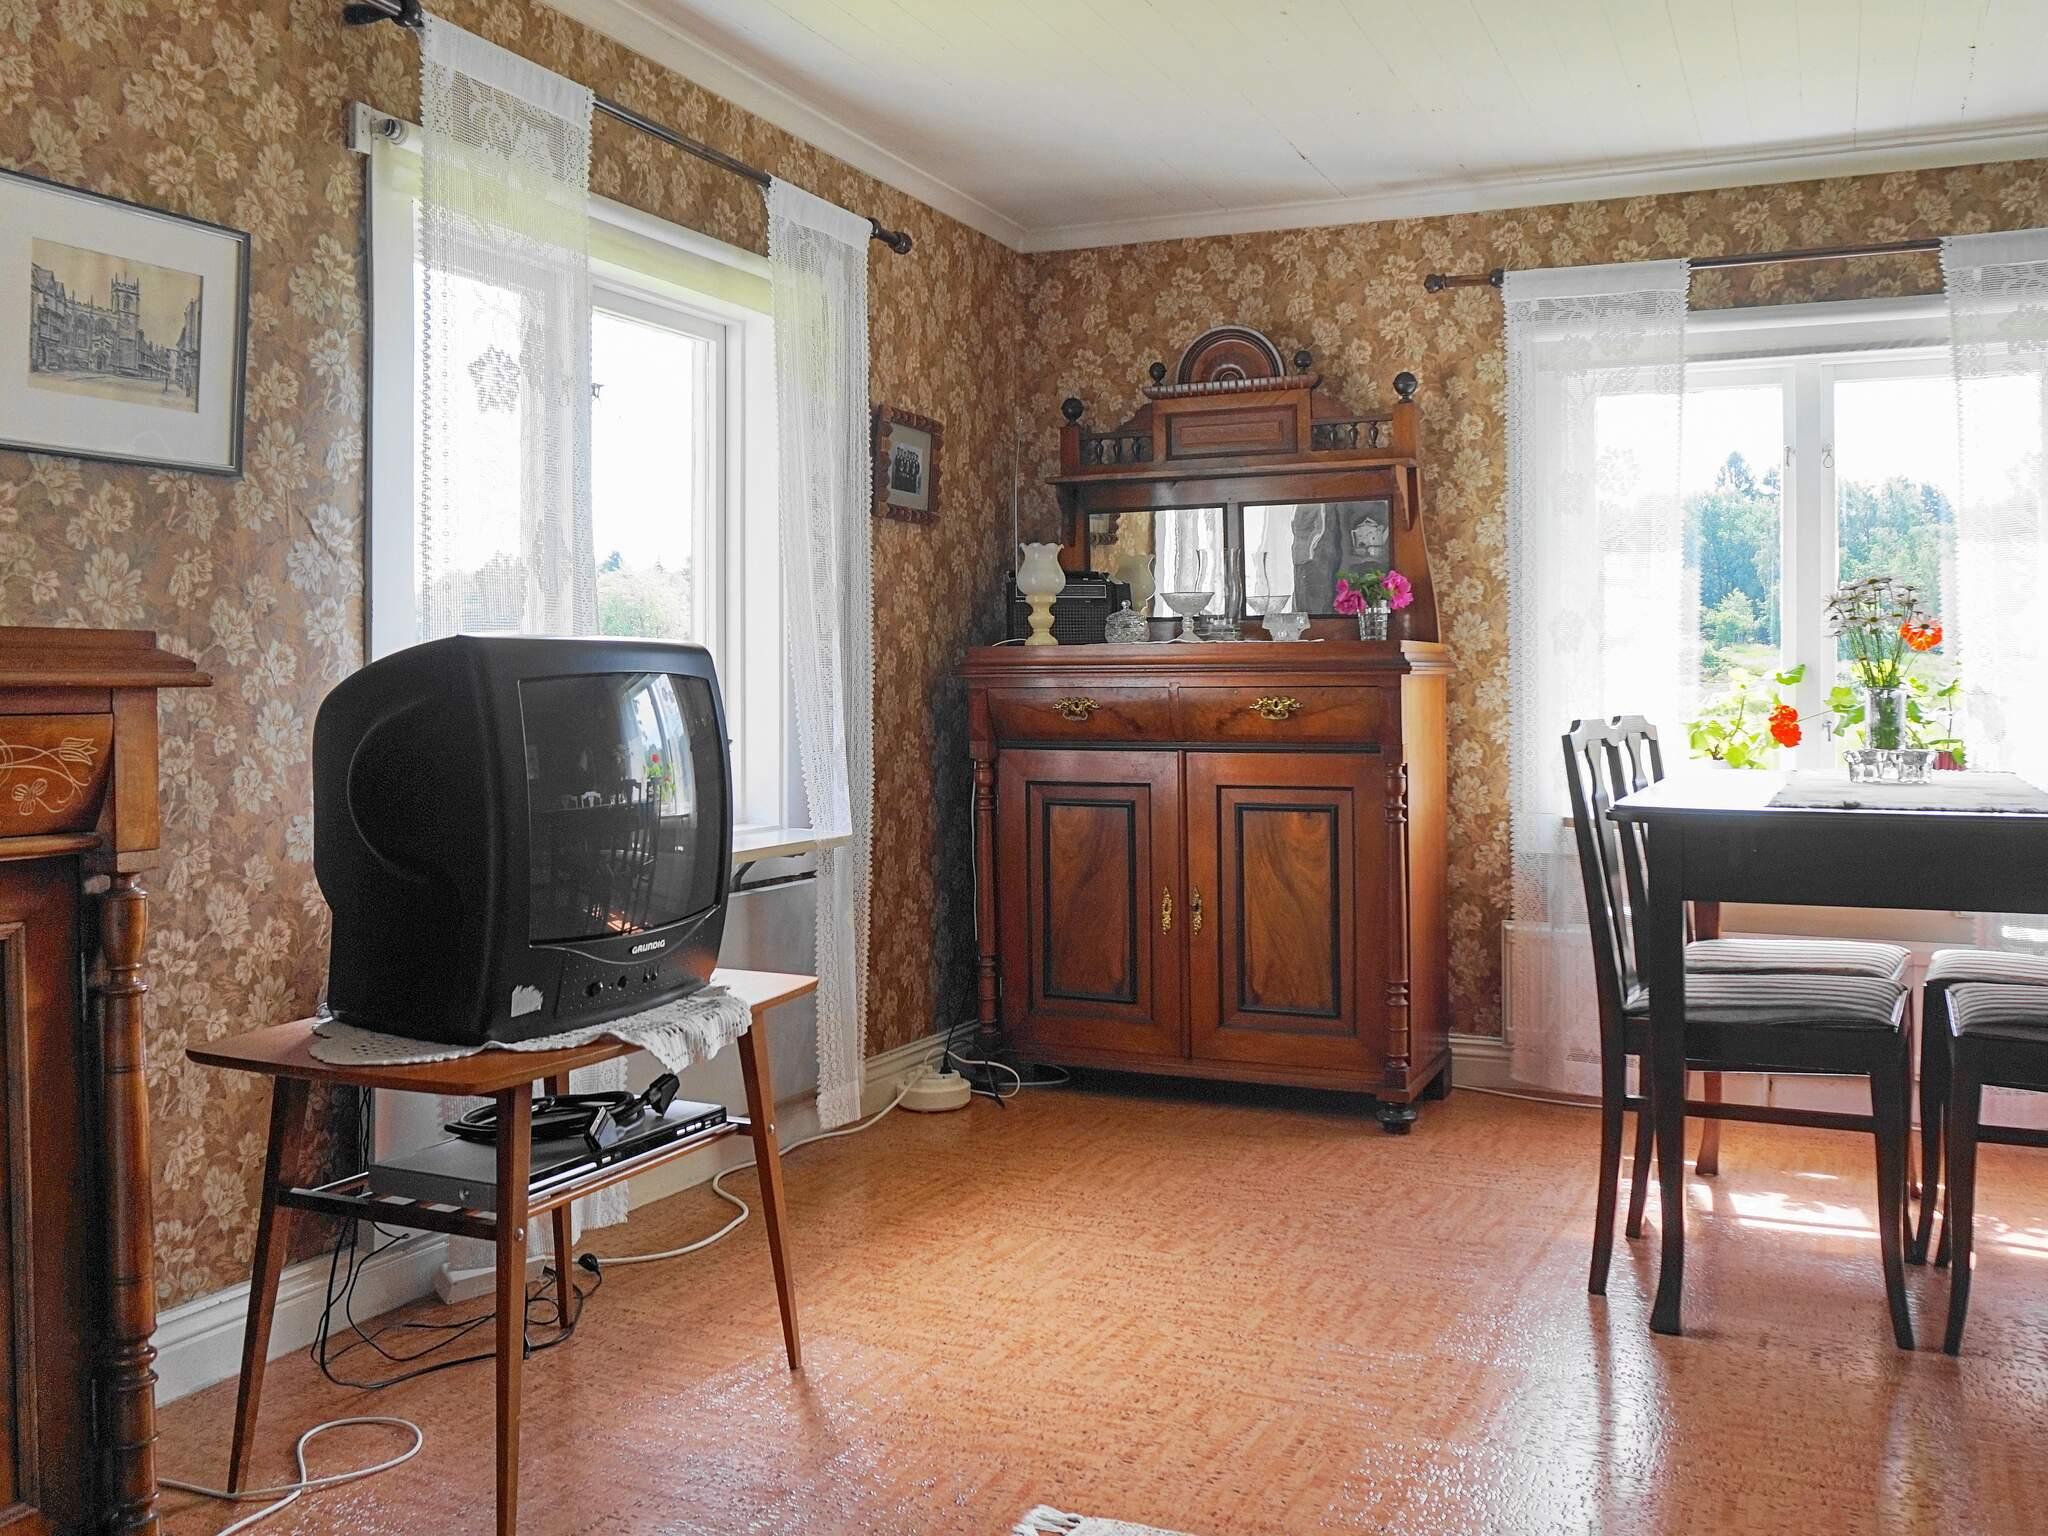 Ferienhaus Orust/Tegneby (2636850), Tegneby, Västra Götaland län, Westschweden, Schweden, Bild 11